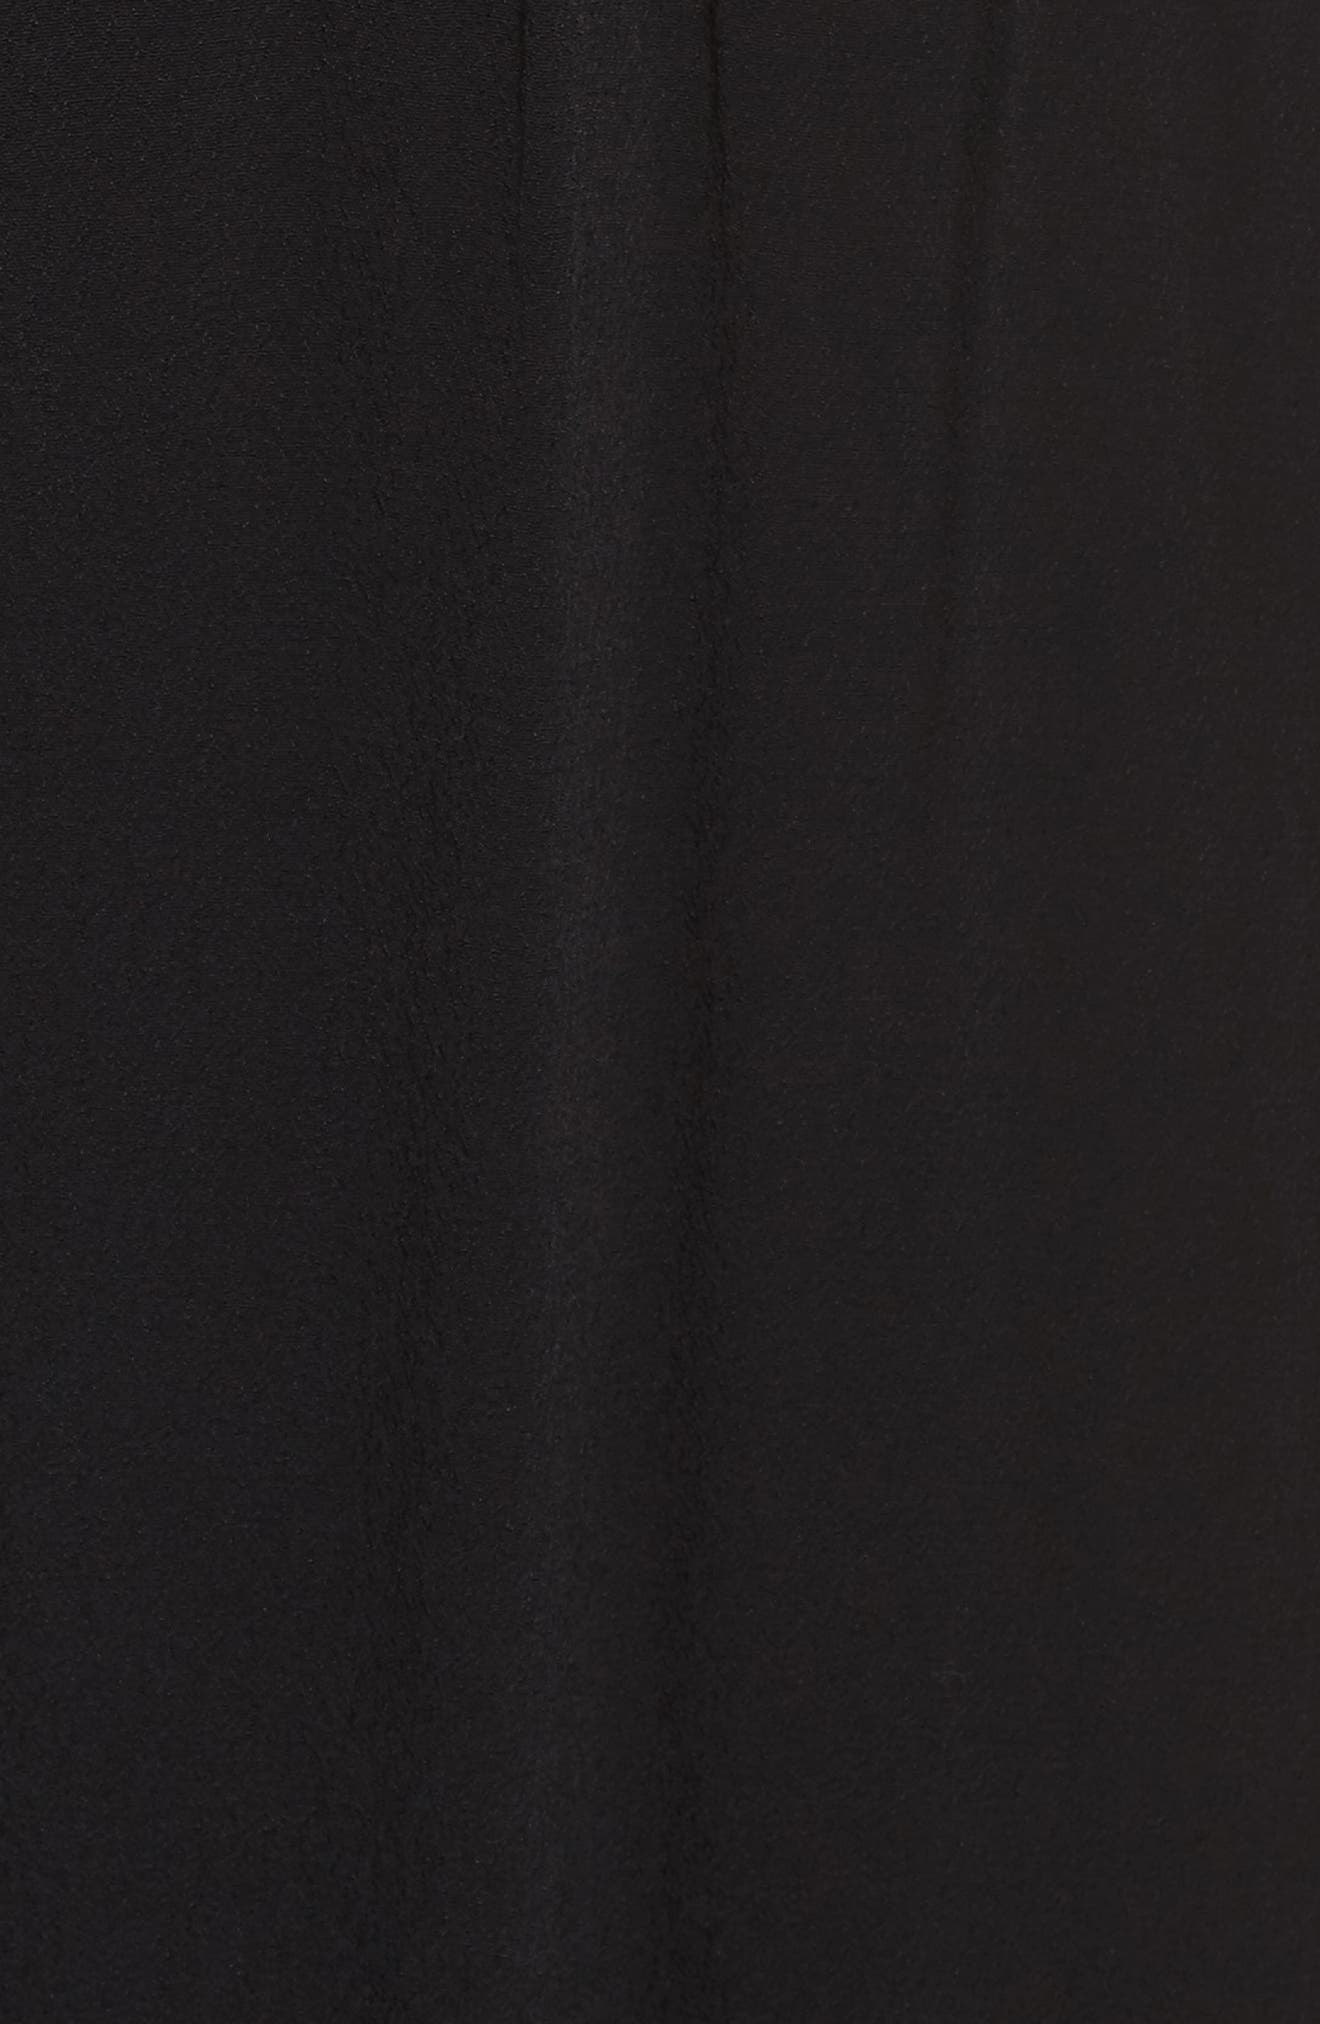 Blouson Maxi Dress,                             Alternate thumbnail 5, color,                             BLACK